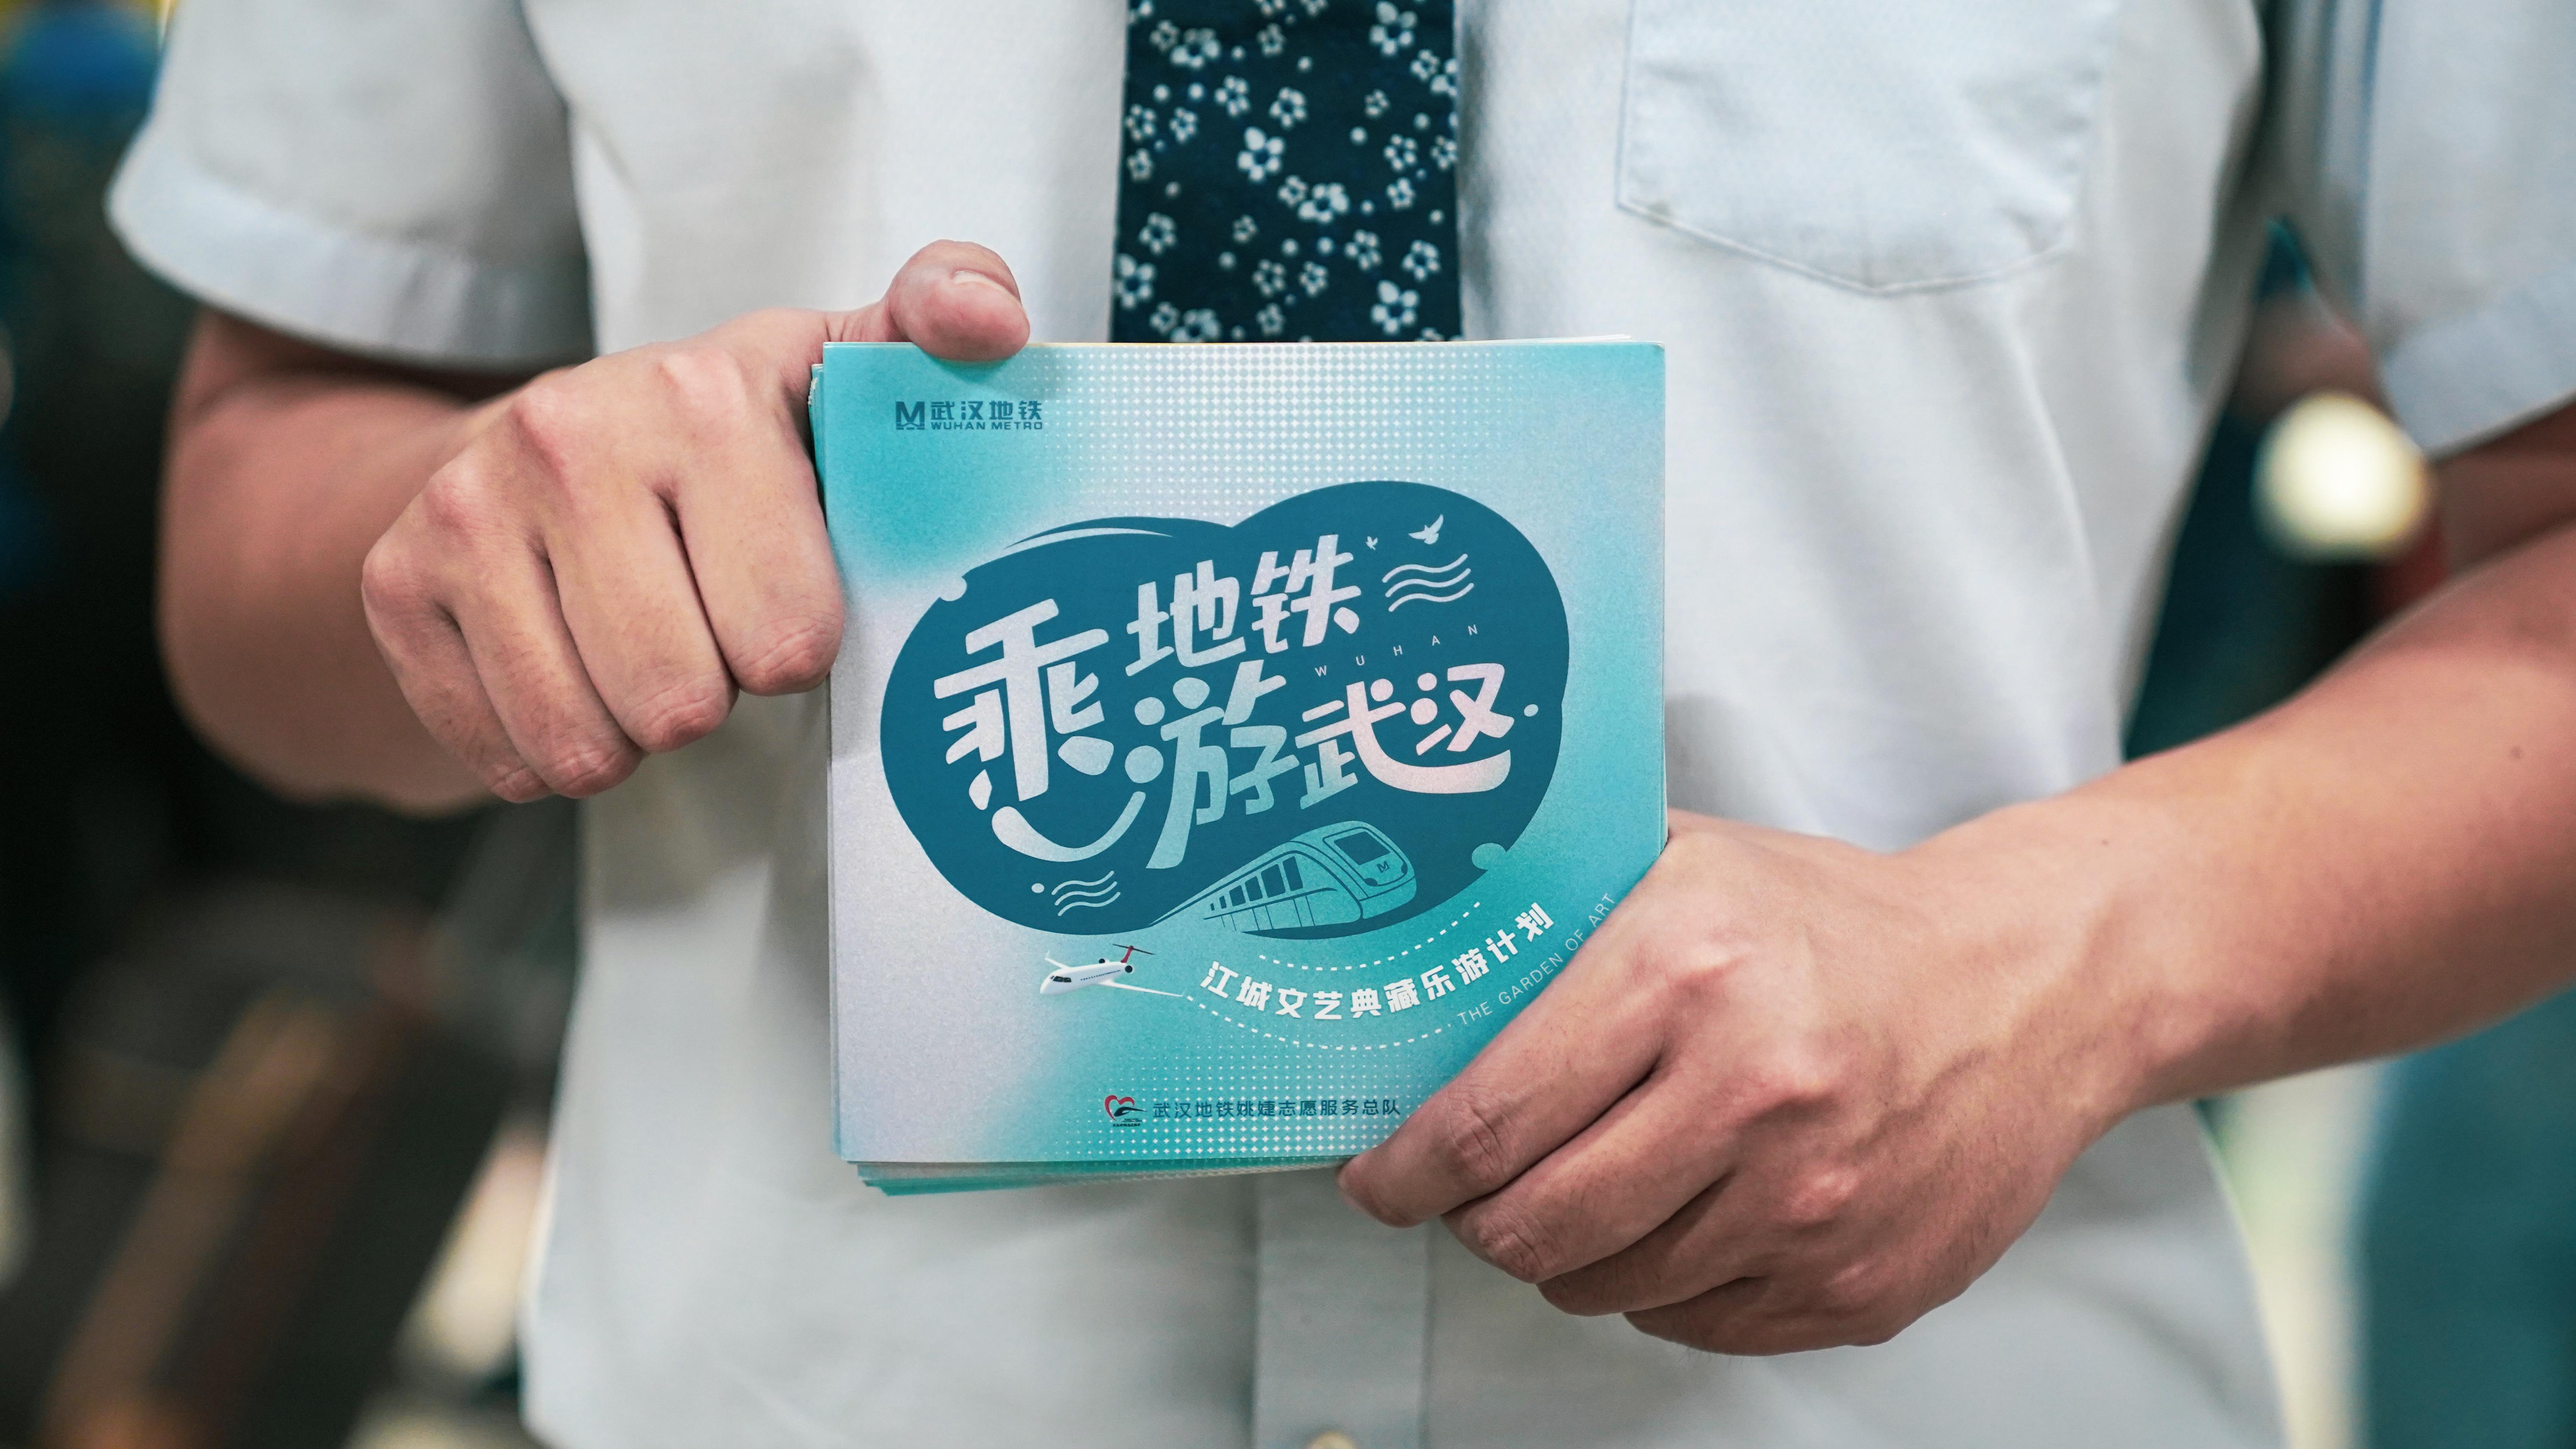 """武汉超实用地铁乘车手册 伴游客十一""""文艺""""黄金周插图"""